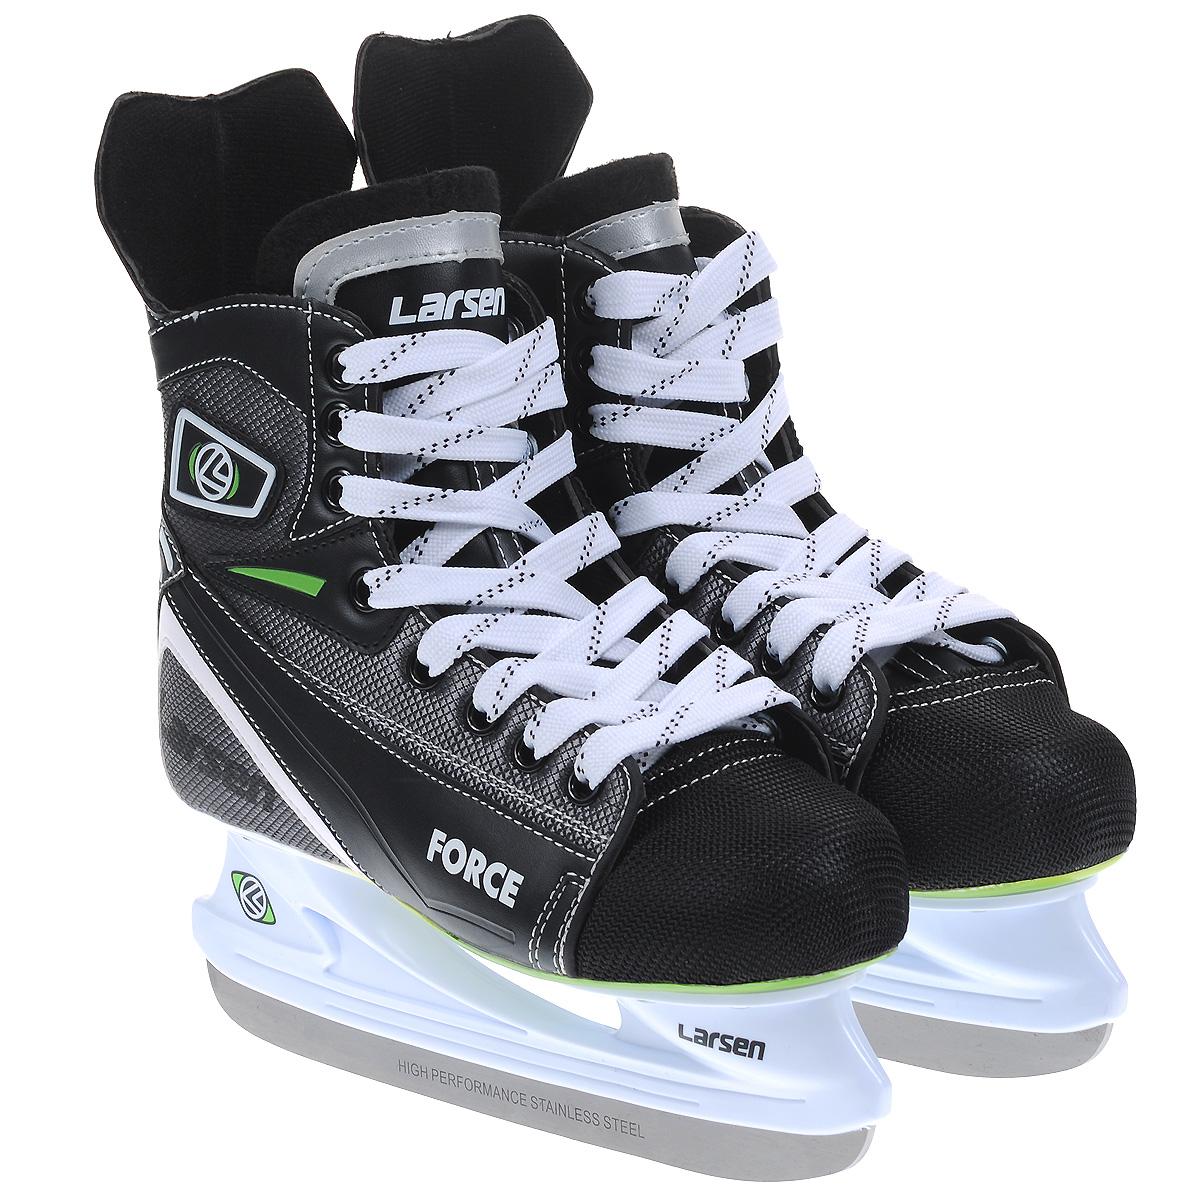 Коньки хоккейные Larsen Force, цвет: черный, серый. Размер 44ForceХоккейные коньки Force от Larsen прекрасно подойдут для начинающих игроков в хоккей. Ботинок выполнен из морозоустойчивого поливинилхлорида, мыс - из полипропилена, который защитит ноги от ударов, покрытого сетчатым нейлоном плотностью 800D. Внутренний слой изготовлен из мягкого материала Cambrelle, который обеспечит тепло и комфорт во время катания, язычок войлочный. Поролоновый утеплитель не позволит вашим ногам замерзнуть. Плотная шнуровка надежно фиксирует модель на ноге. Удобный суппорт голеностопа. Стелька из материала EVA обеспечит комфортное катание. Стойка выполнена из ударопрочного пластика. Лезвие из высокоуглеродистой стали жесткостью HRC 50-52 обеспечит превосходное скольжение.